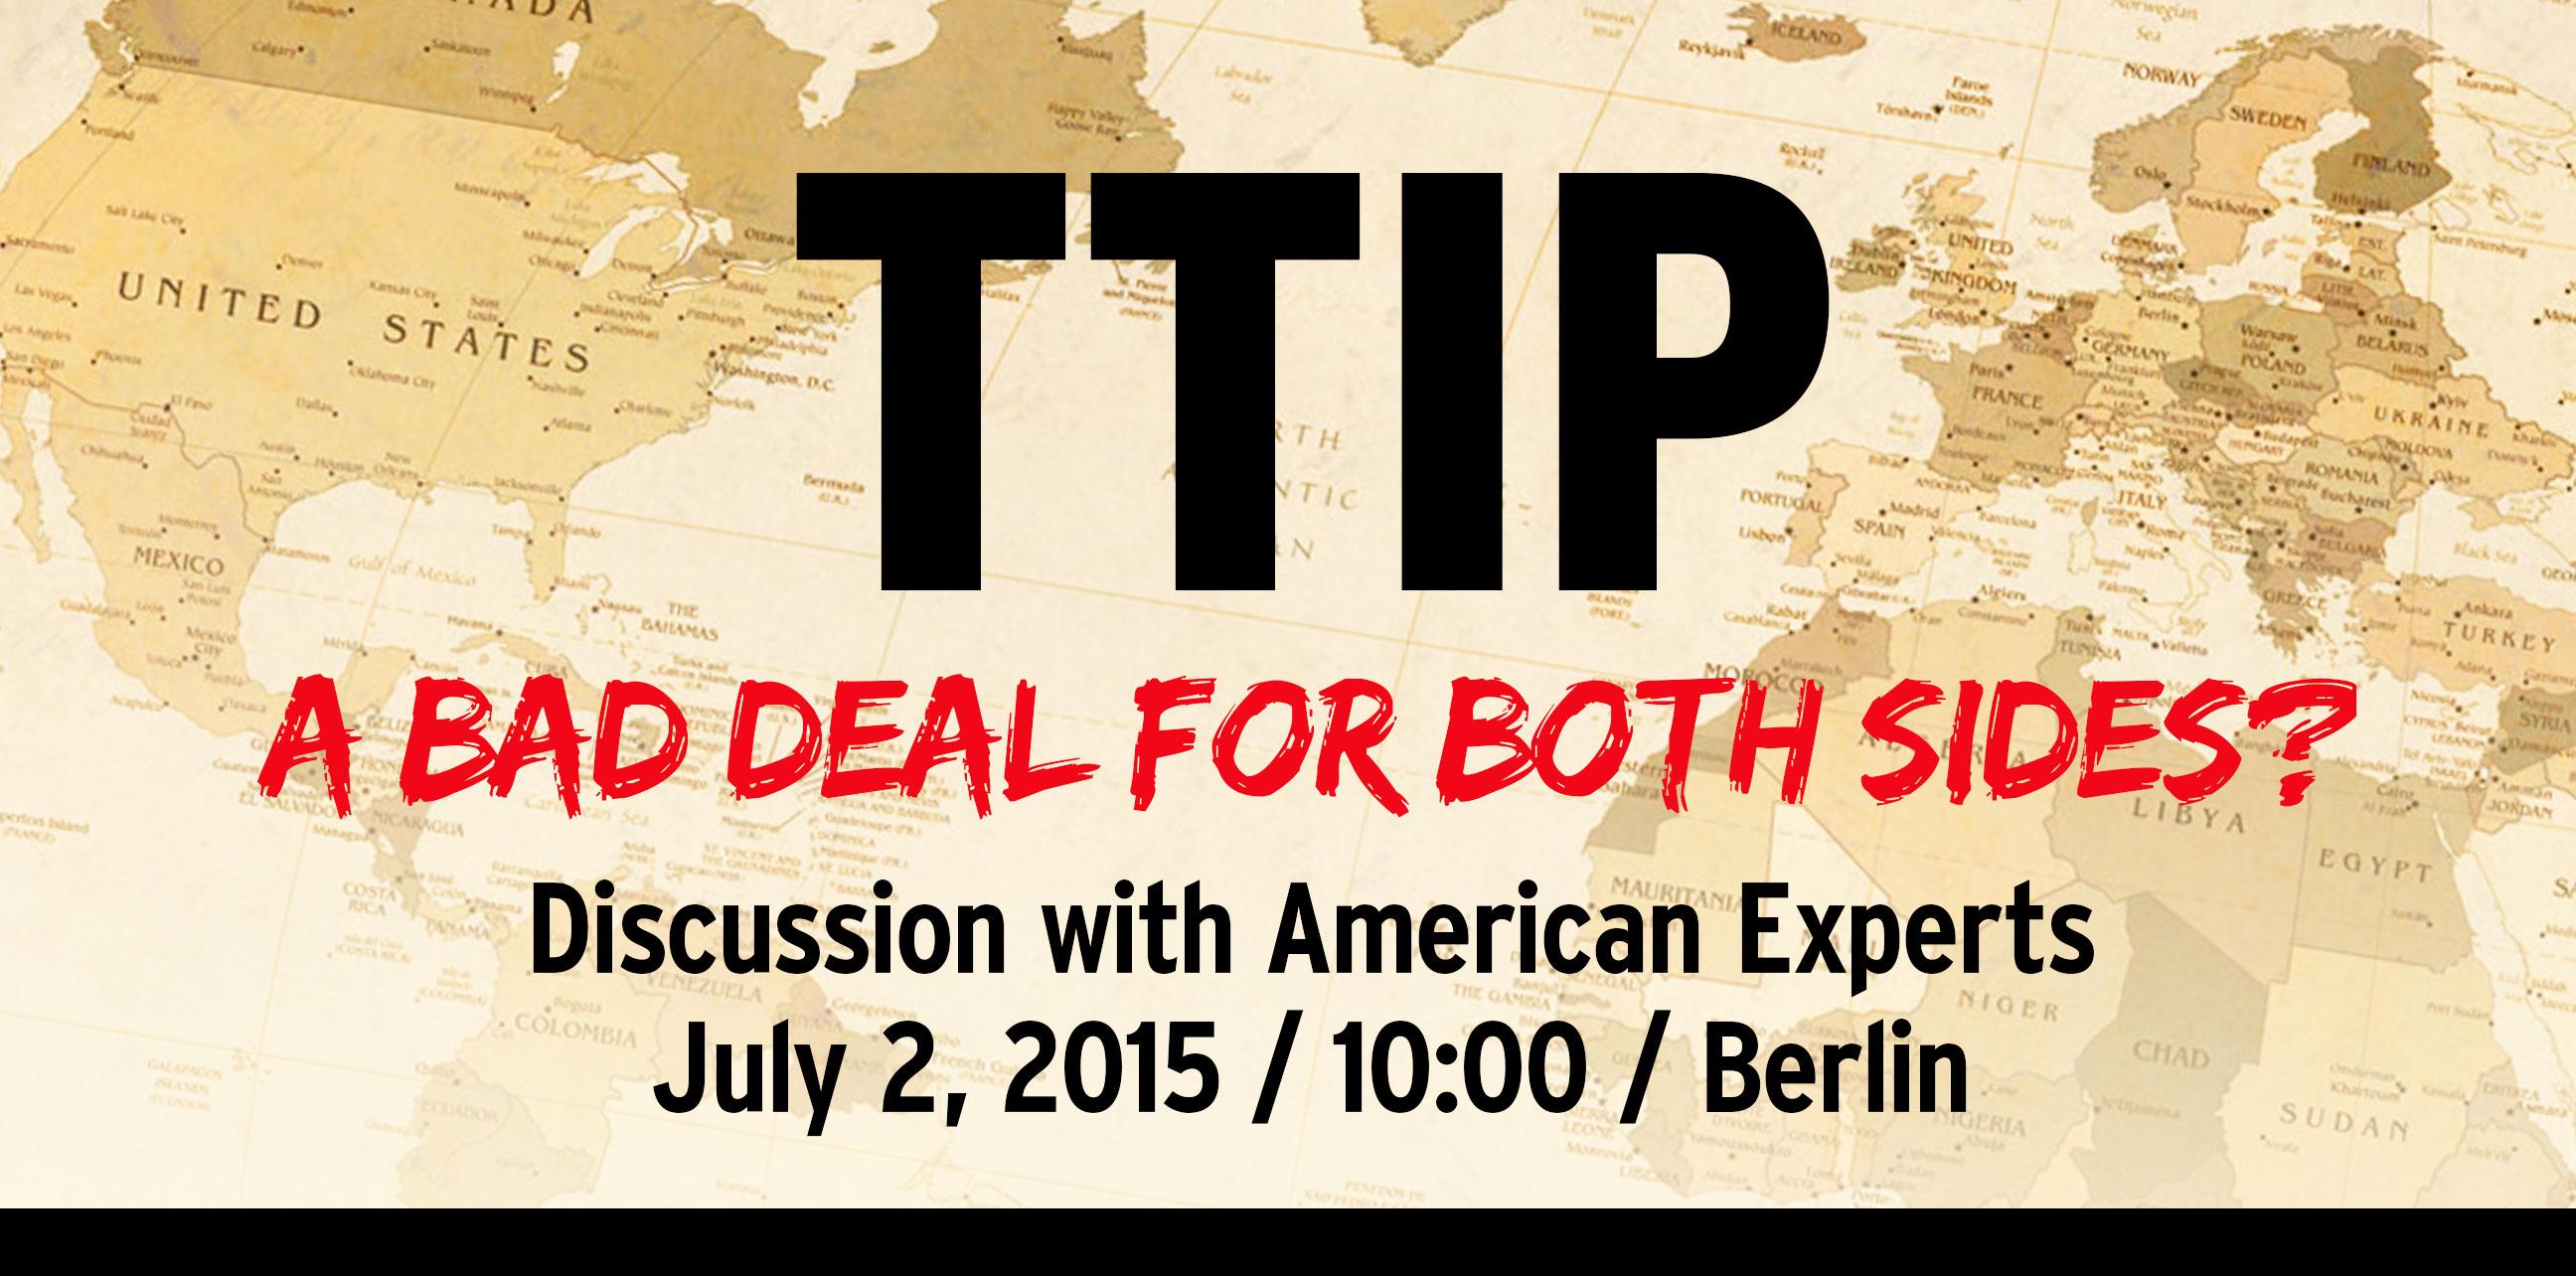 ttip_discussion_berlin4